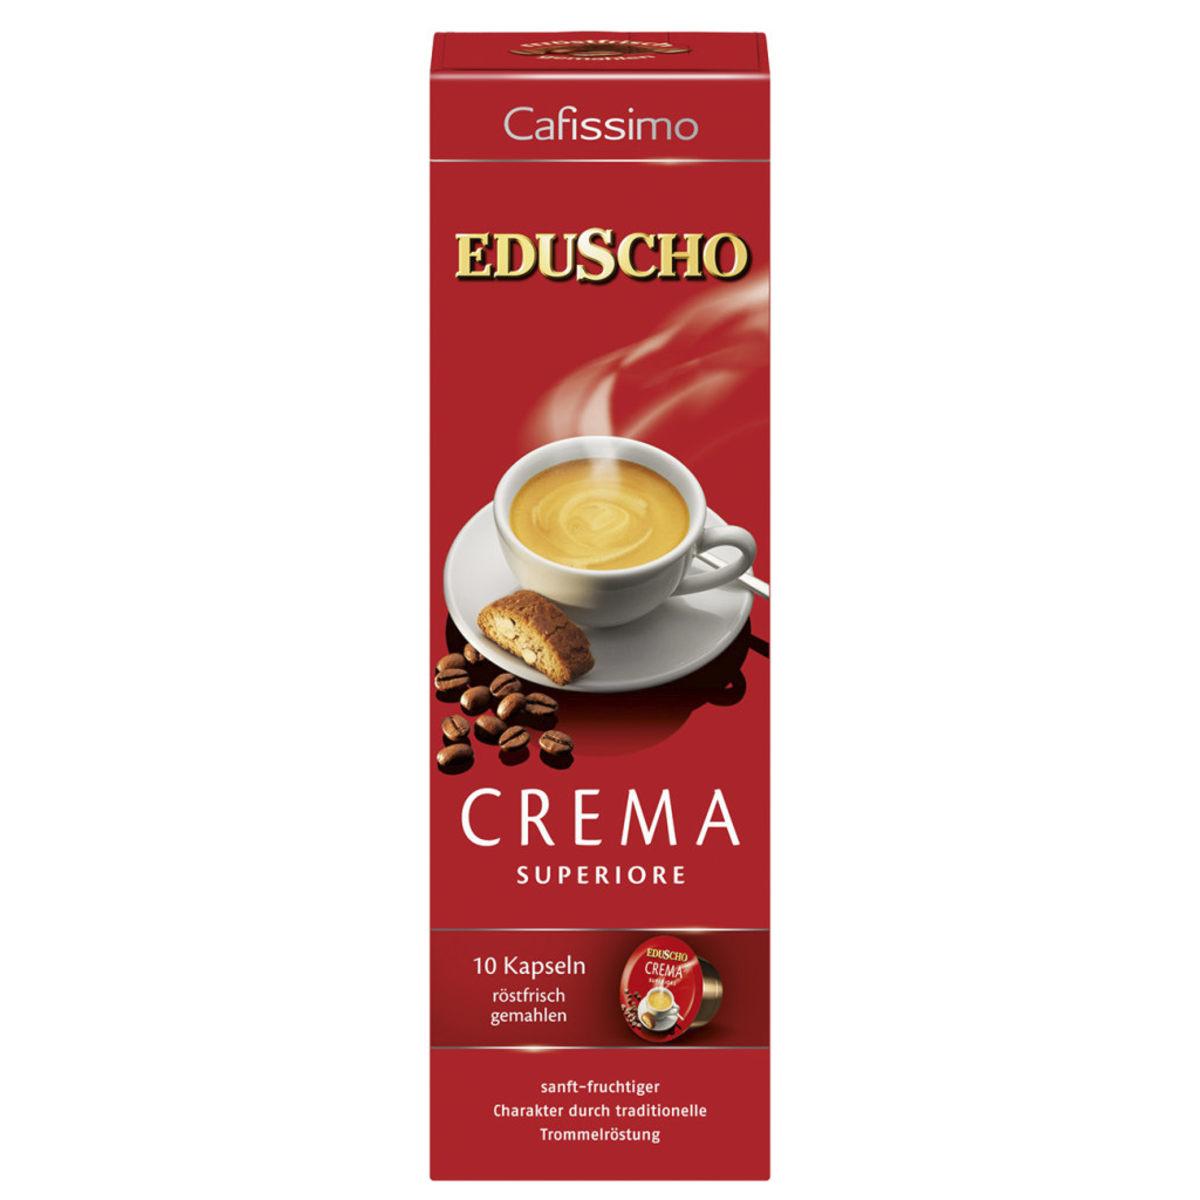 Eduscho Crema Superiore Kapseln